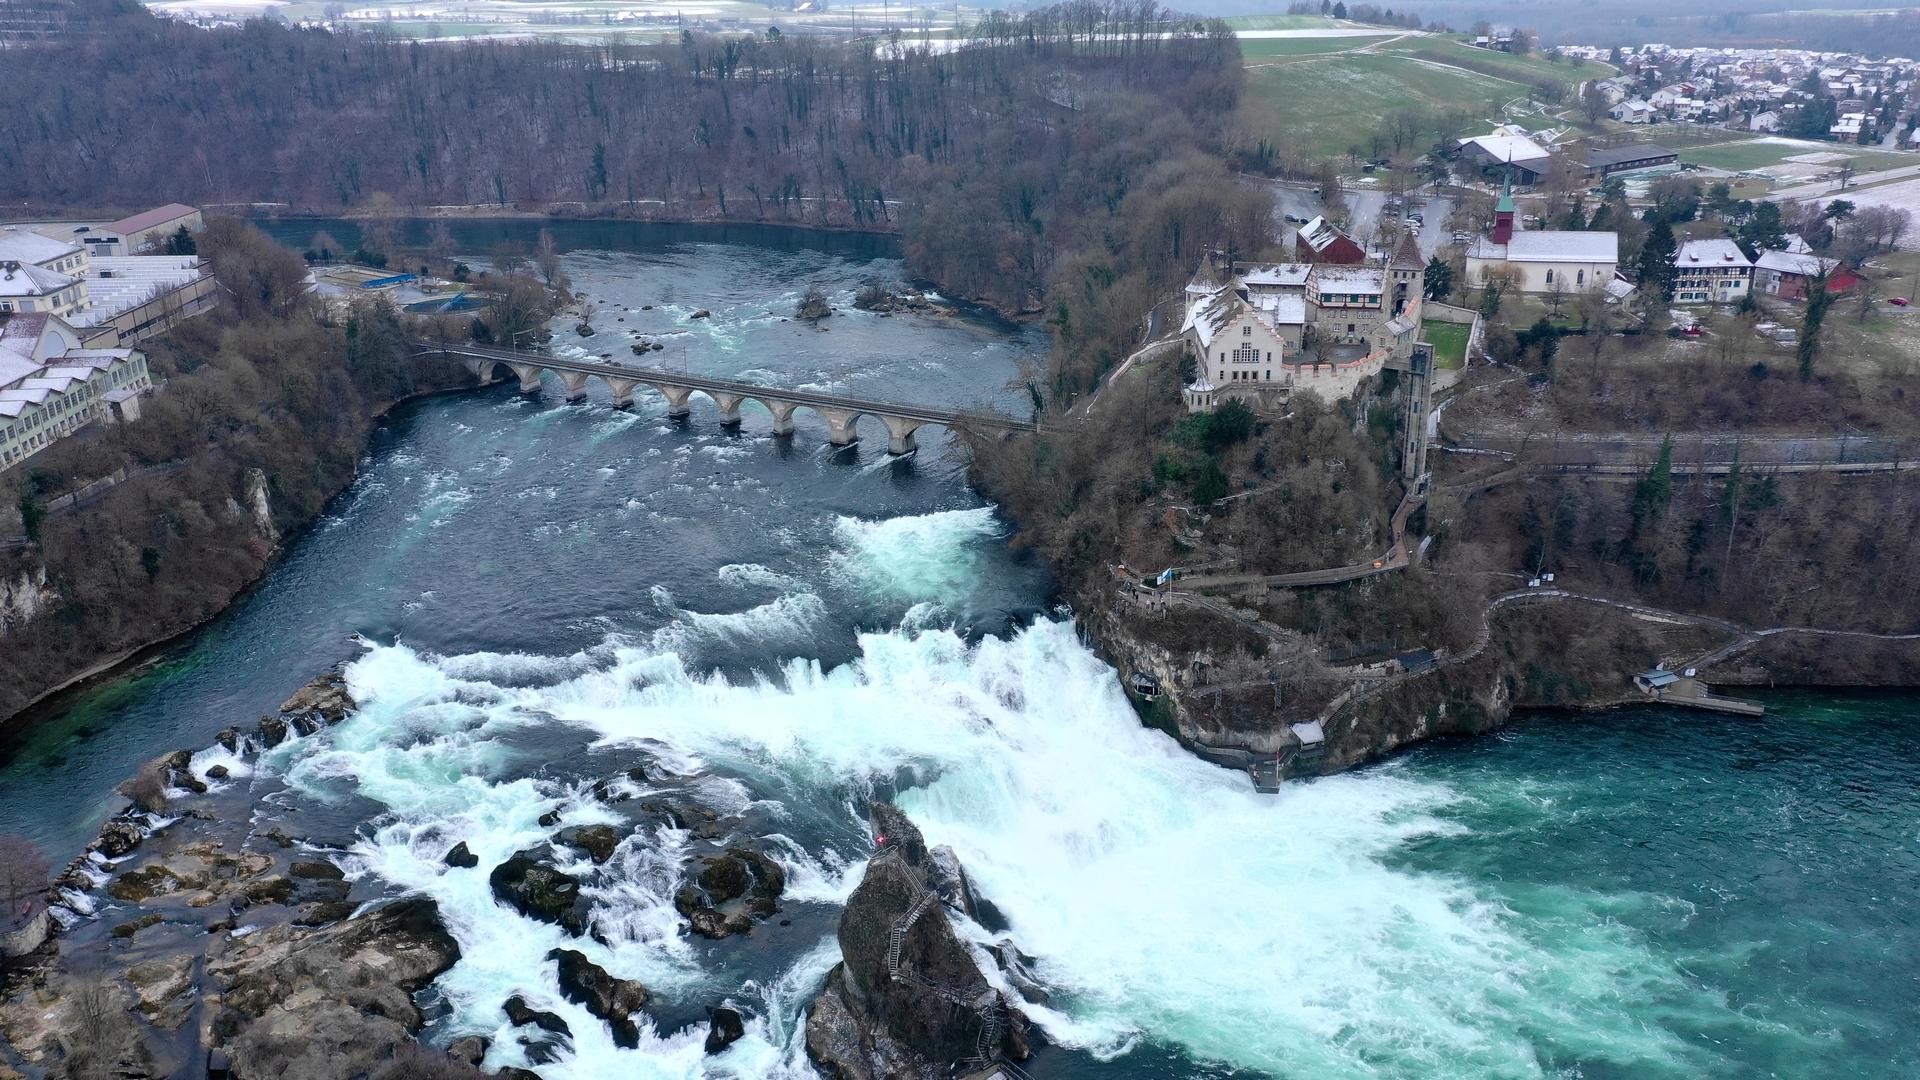 Ο μεγαλύτερος καταρράκτης της Ευρώπης βρίσκεται στην Ελβετία και είναι μοναδικός! | Happy Traveller